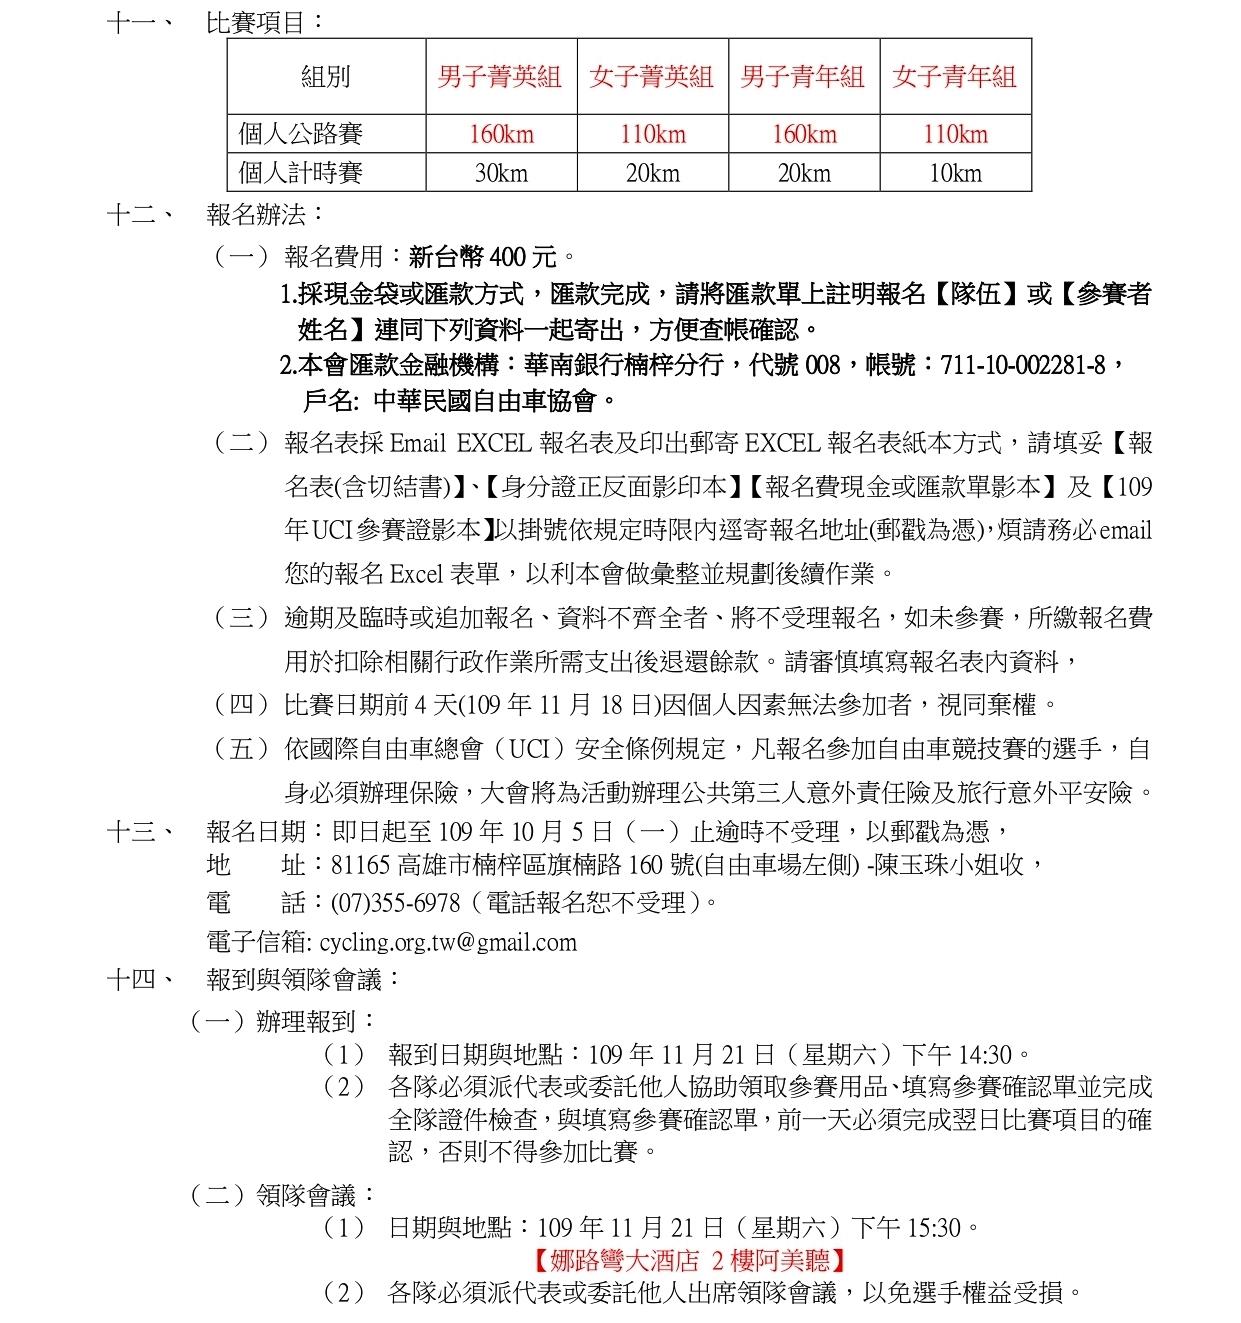 109年全國自由車公路錦標賽_競賽規程1027final_pages-to-jpg-0002